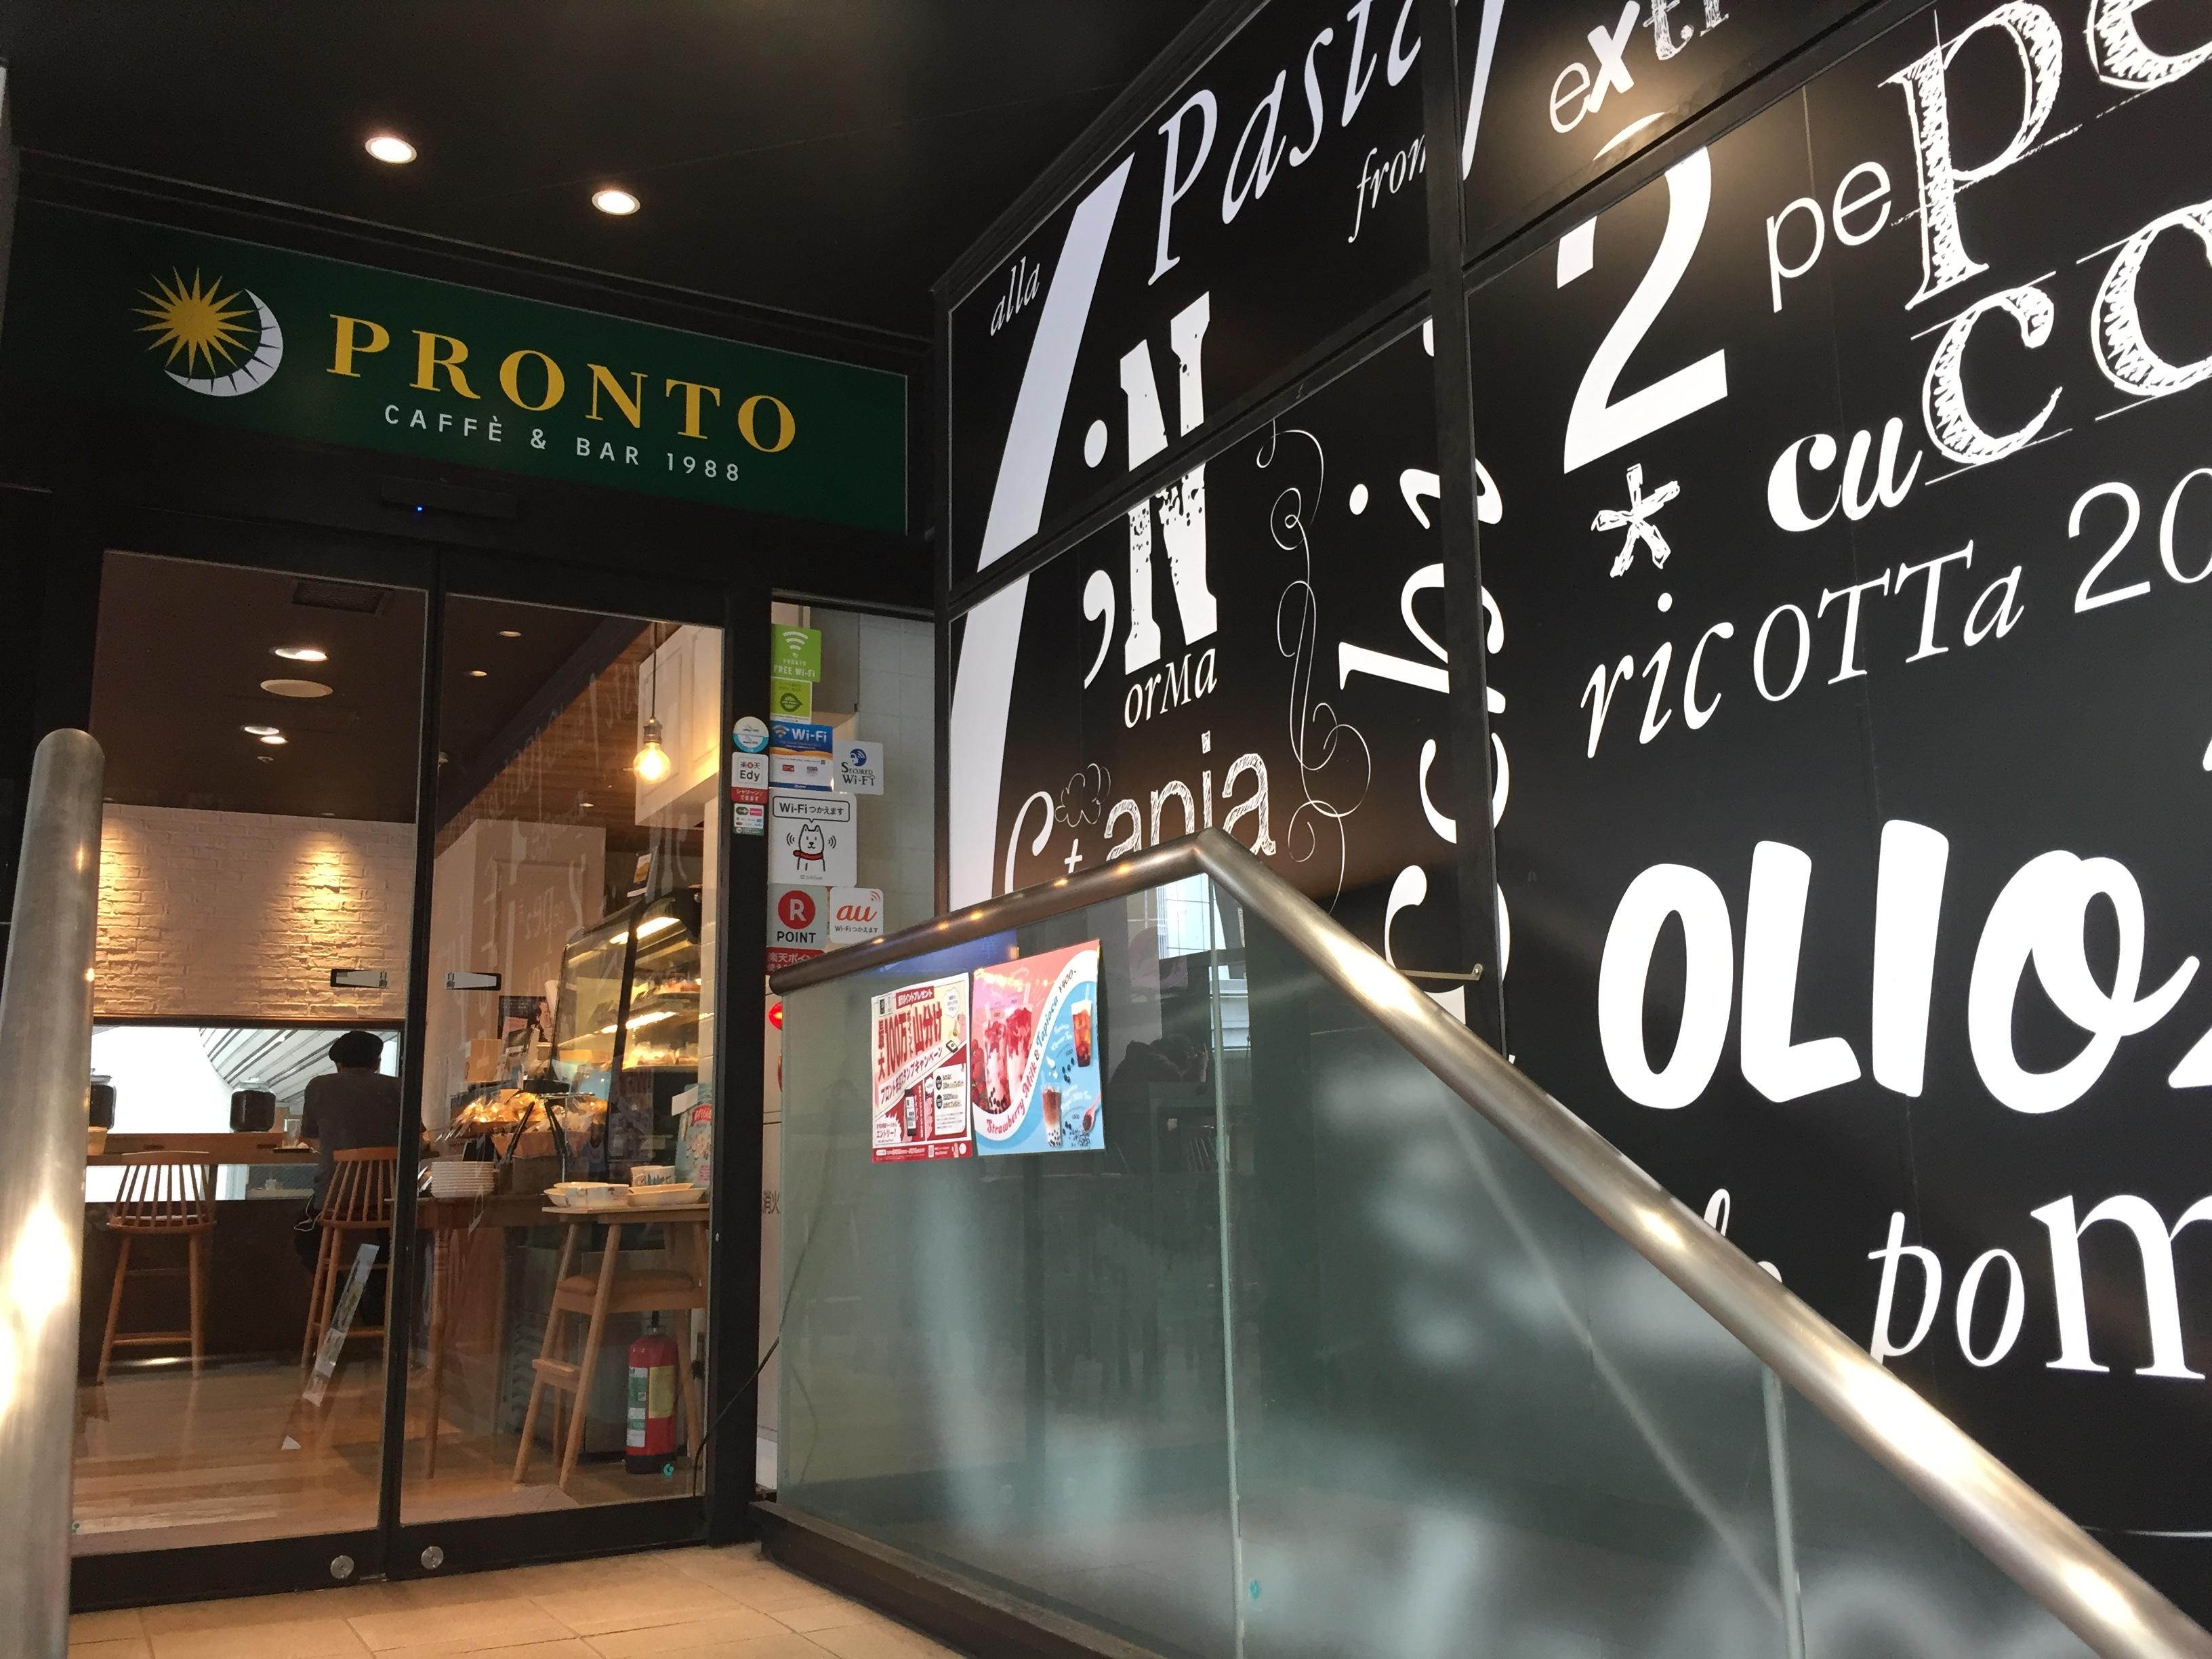 阿佐ヶ谷駅南口 電源カフェ プロント ビーンズ阿佐ヶ谷店